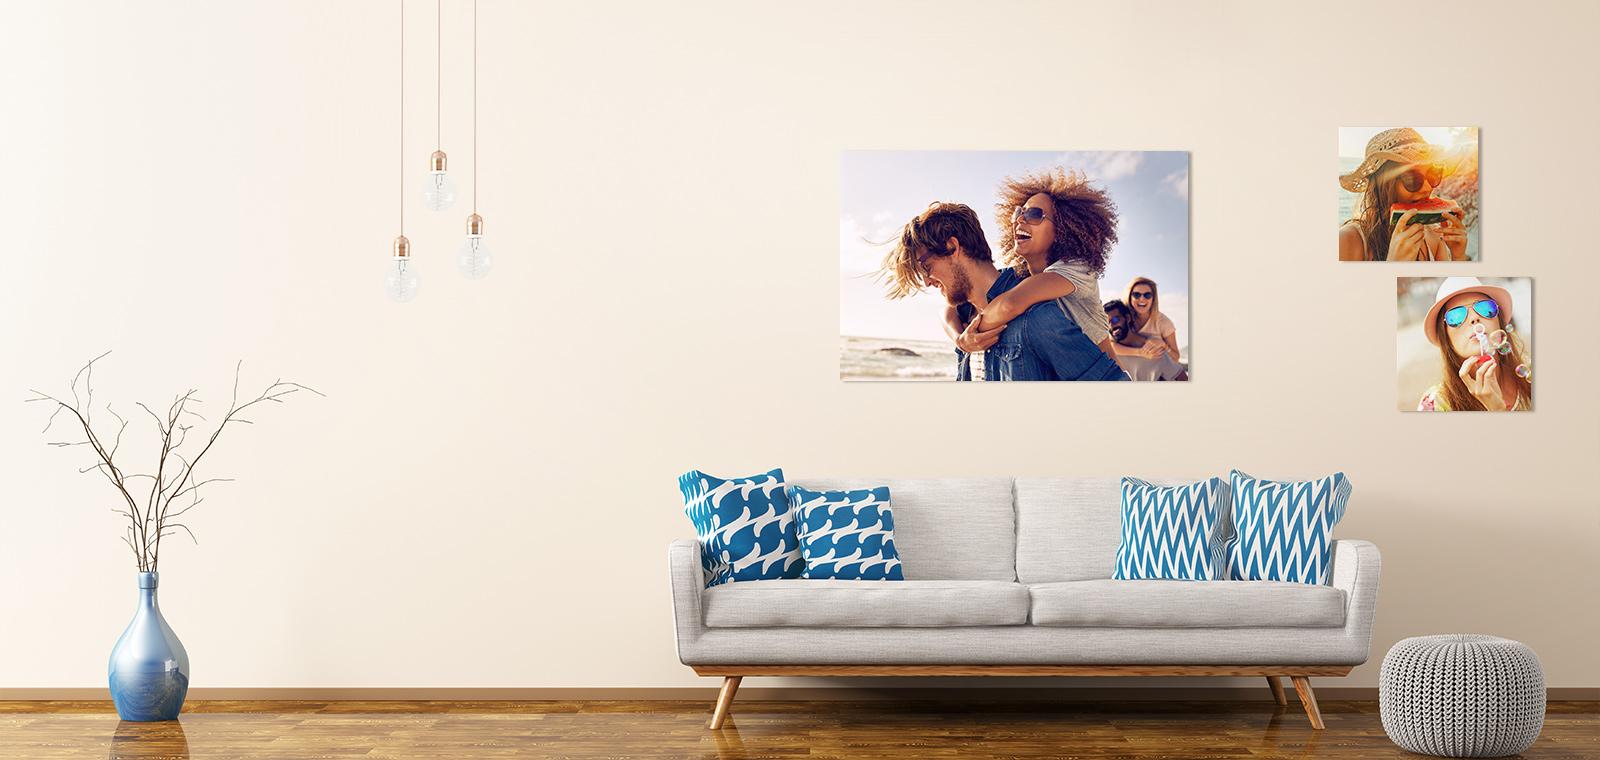 Wanddecoratie Met Fotos.Wanddecoratie Hoogwaardige Materialen Voor In Huis Of Als Reclame